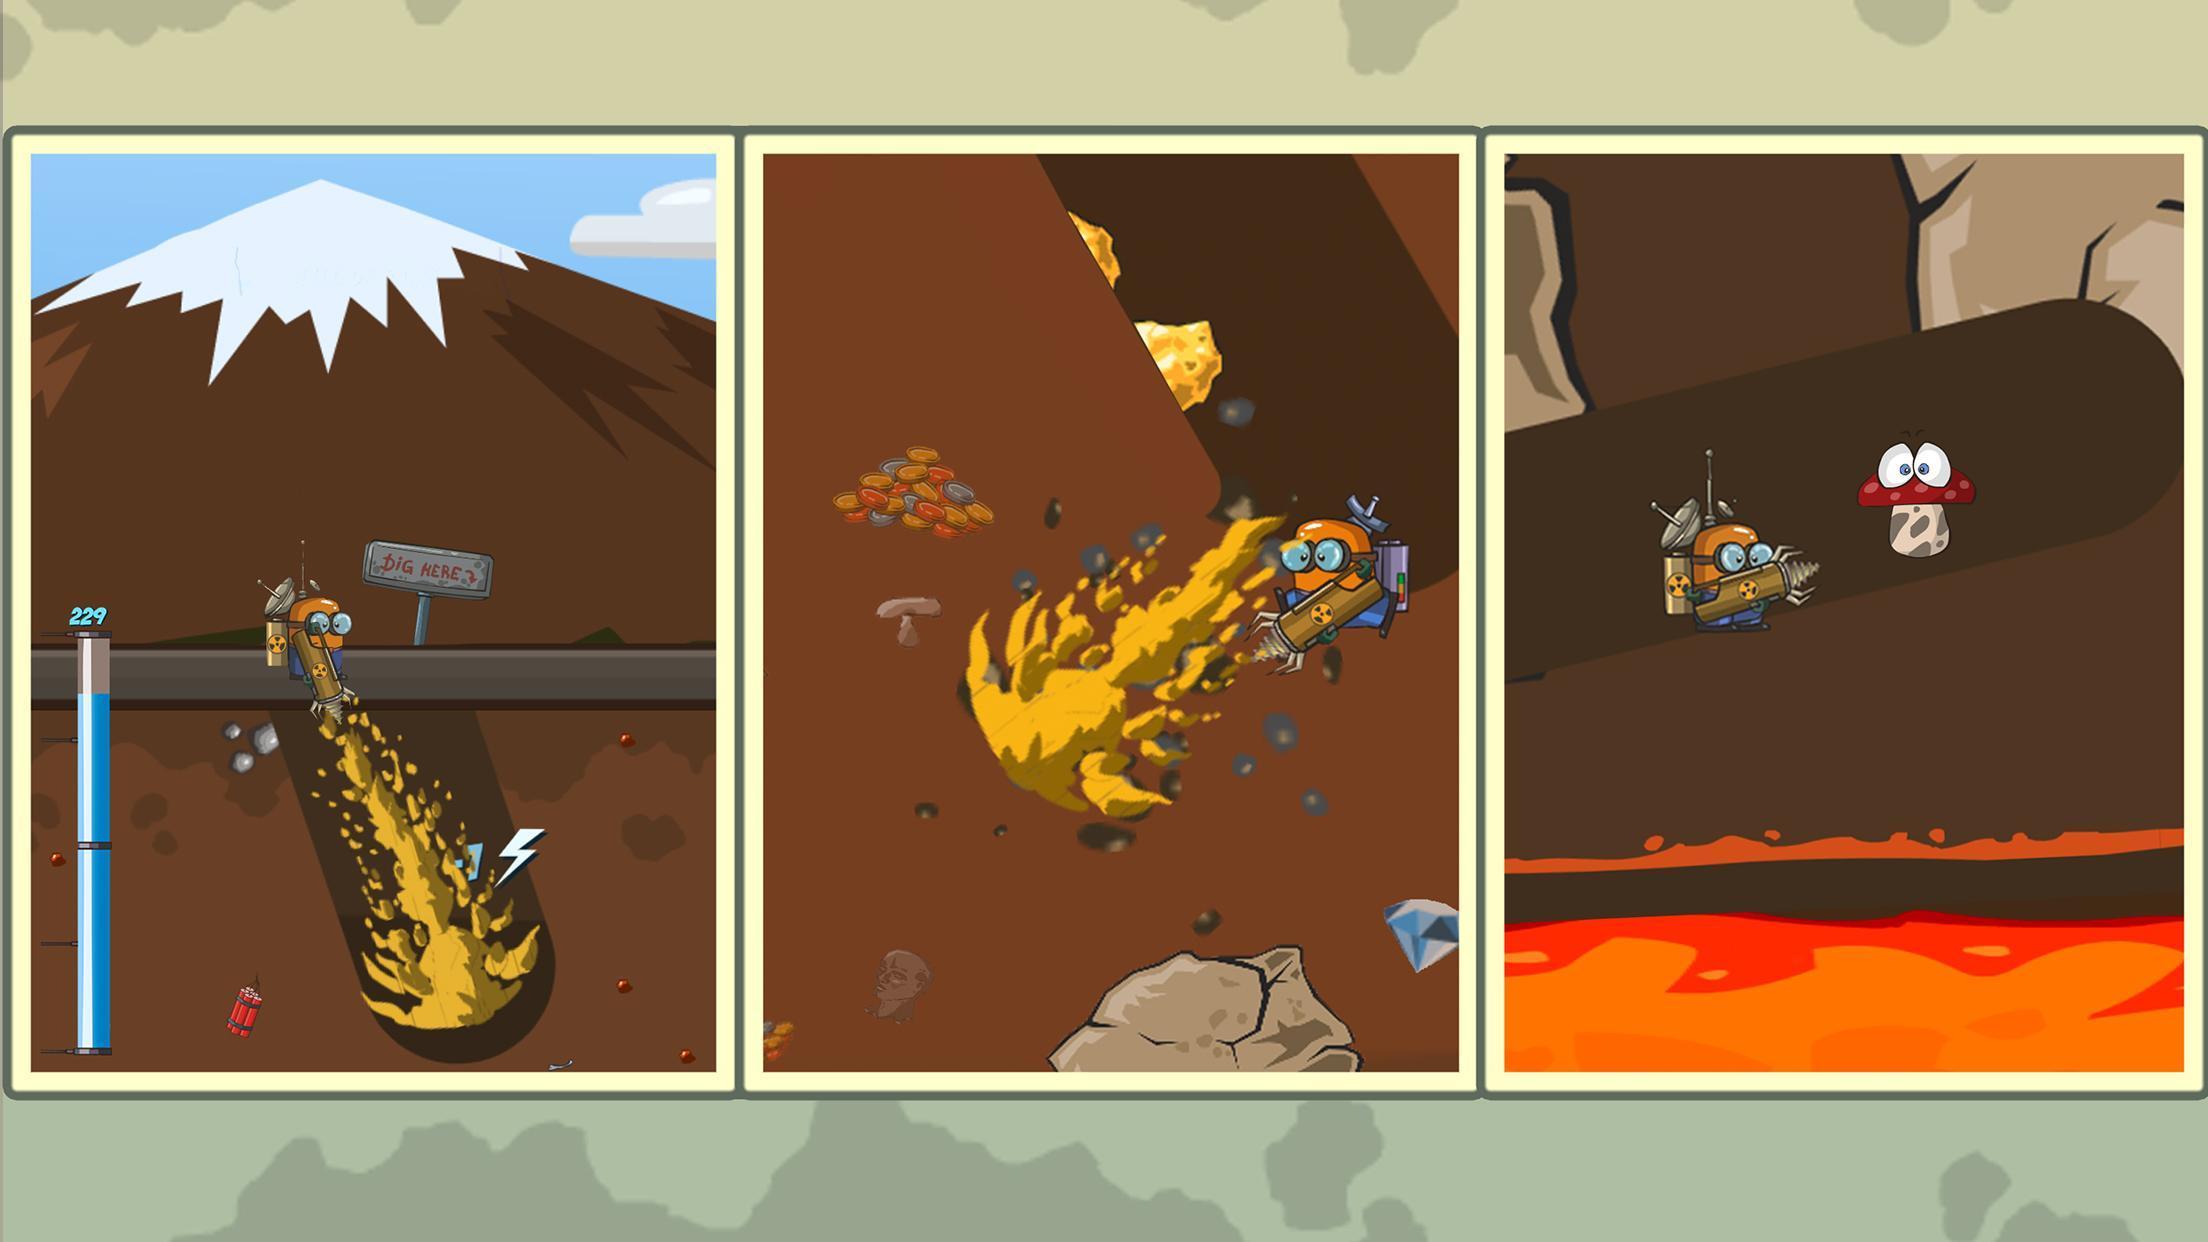 Diggy Dig & Find Minerals 1.0.7 Screenshot 1